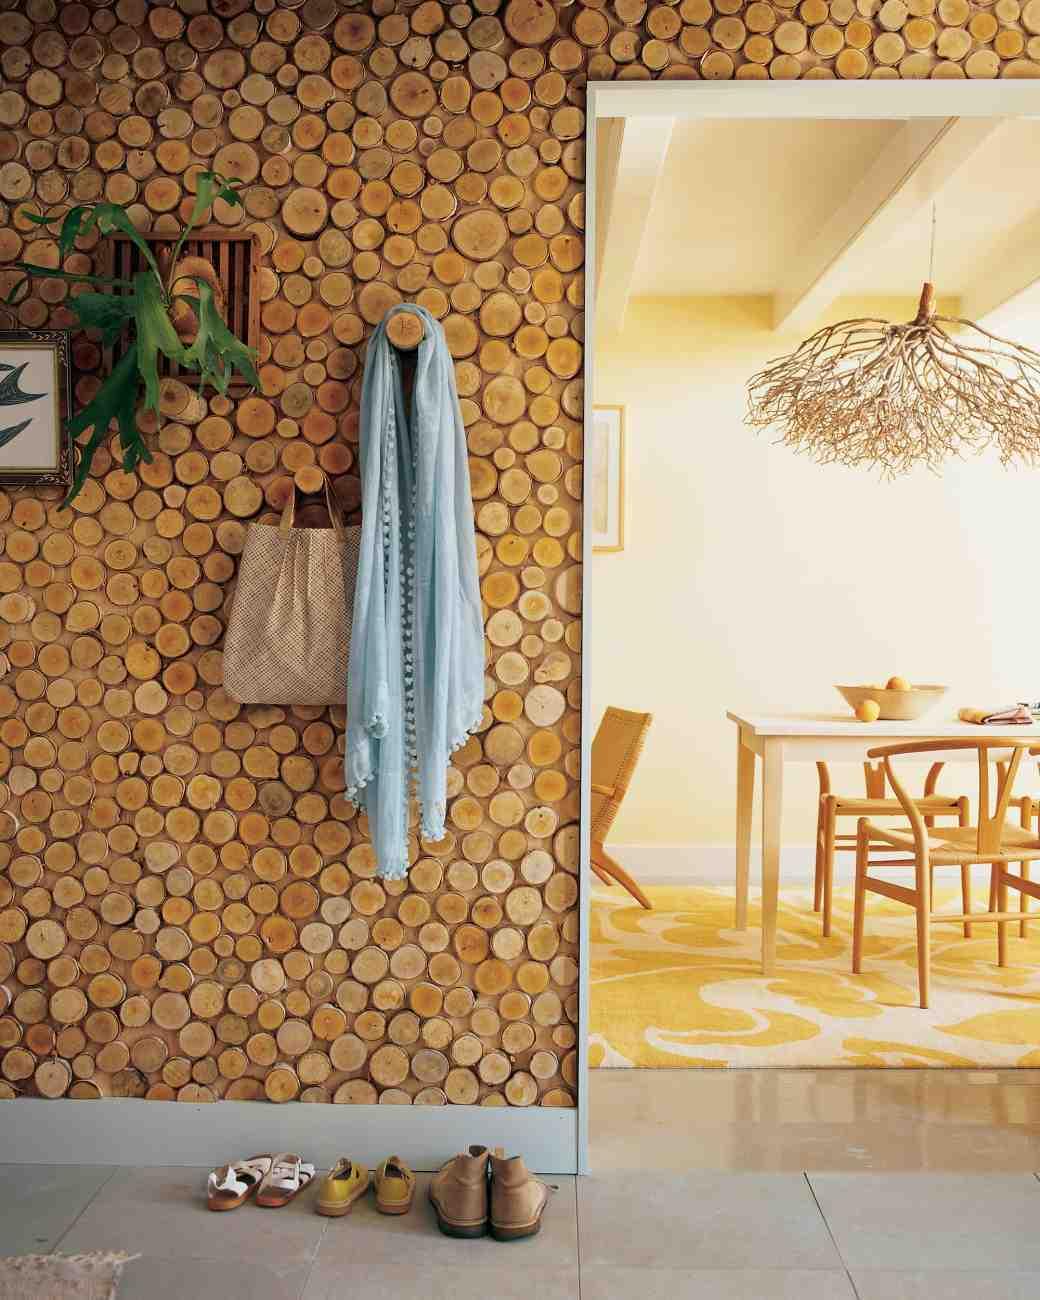 Wall Art: un mosaico in legno di betulla - Design Miss